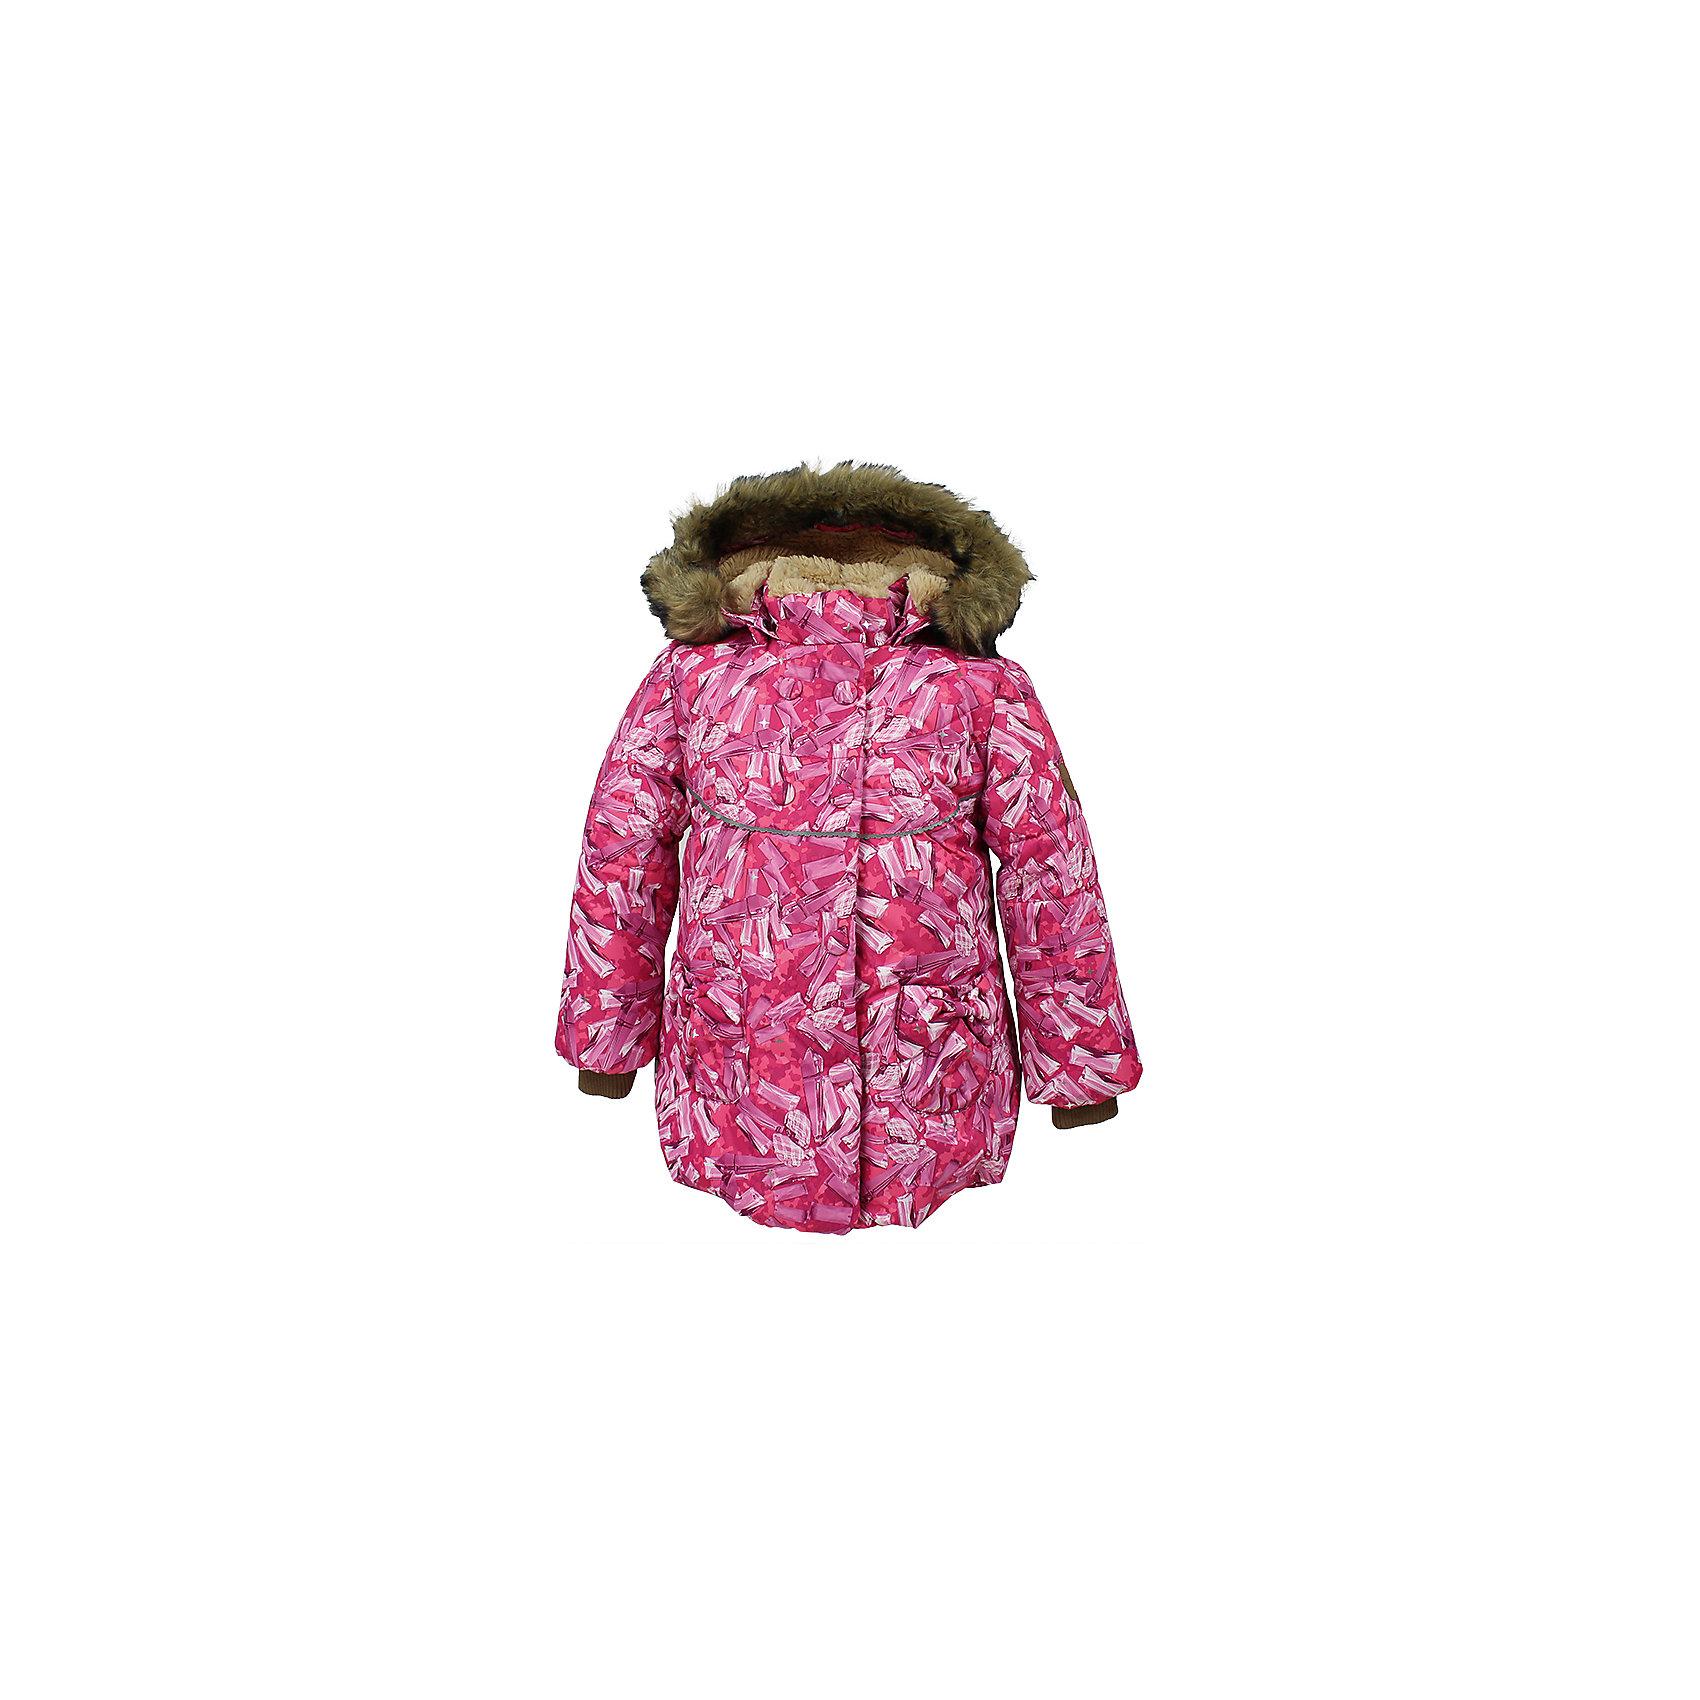 Куртка OLIVIA Huppa для девочкиЗимние куртки<br>Характеристики товара:<br><br>• модель: Olivia;<br>• цвет: фуксия;<br>• состав: 100% полиэстер;<br>• утеплитель: полиэстер,300 гр.;<br>• подкладка: Teddy Fur, тафта,полиэстер;<br>• сезон: зима;<br>• температурный режим: от -5 до - 30С;<br>• водонепроницаемость: 5000 мм;<br>• воздухопроницаемость: 5000 г/м2/24ч;<br>• особенности модели: c рисунком; с мехом на капюшоне;<br>• защитная планка молнии на кнопках;<br>• защита подбородка от защемления;<br>• мягкая меховая подкладка;<br>• безопасный капюшон крепится на кнопки и, при необходимости, отстегивается;<br>• искусственный мех на капюшоне съемный;<br>• спереди расположены два накладныхкармана, с декором в виде бантиков;<br>• светоотражающие элементы для безопасности ребенка;<br>•  трикотажные манжеты; <br>• страна бренда: Финляндия;<br>• страна изготовитель: Эстония.<br><br>Зимняя куртка с капюшоном Olivia для девочки изготовлена из водо и ветронепроницаемого, грязеотталкивающего материала. В куртке Olivia 300 грамм утеплителя, которые обеспечат тепло и комфорт ребенку при температуре от -5 до -30 градусов.Подкладка —Teddy Fur,тафта.<br><br>Функциональные элементы: капюшон отстегивается с помощью кнопок, мех отстегивается, защитная планка молнии на кнопках, защита подбородка от защемления, мягкая меховая подкладка, карманы без застежек, трикотажные манжеты, светоотражающие элементы. <br><br>Куртку Olivia для девочки бренда HUPPA  можно купить в нашем интернет-магазине.<br><br>Ширина мм: 356<br>Глубина мм: 10<br>Высота мм: 245<br>Вес г: 519<br>Цвет: фуксия<br>Возраст от месяцев: 12<br>Возраст до месяцев: 18<br>Пол: Женский<br>Возраст: Детский<br>Размер: 86,80,92,98,104,110,116,122<br>SKU: 7024873